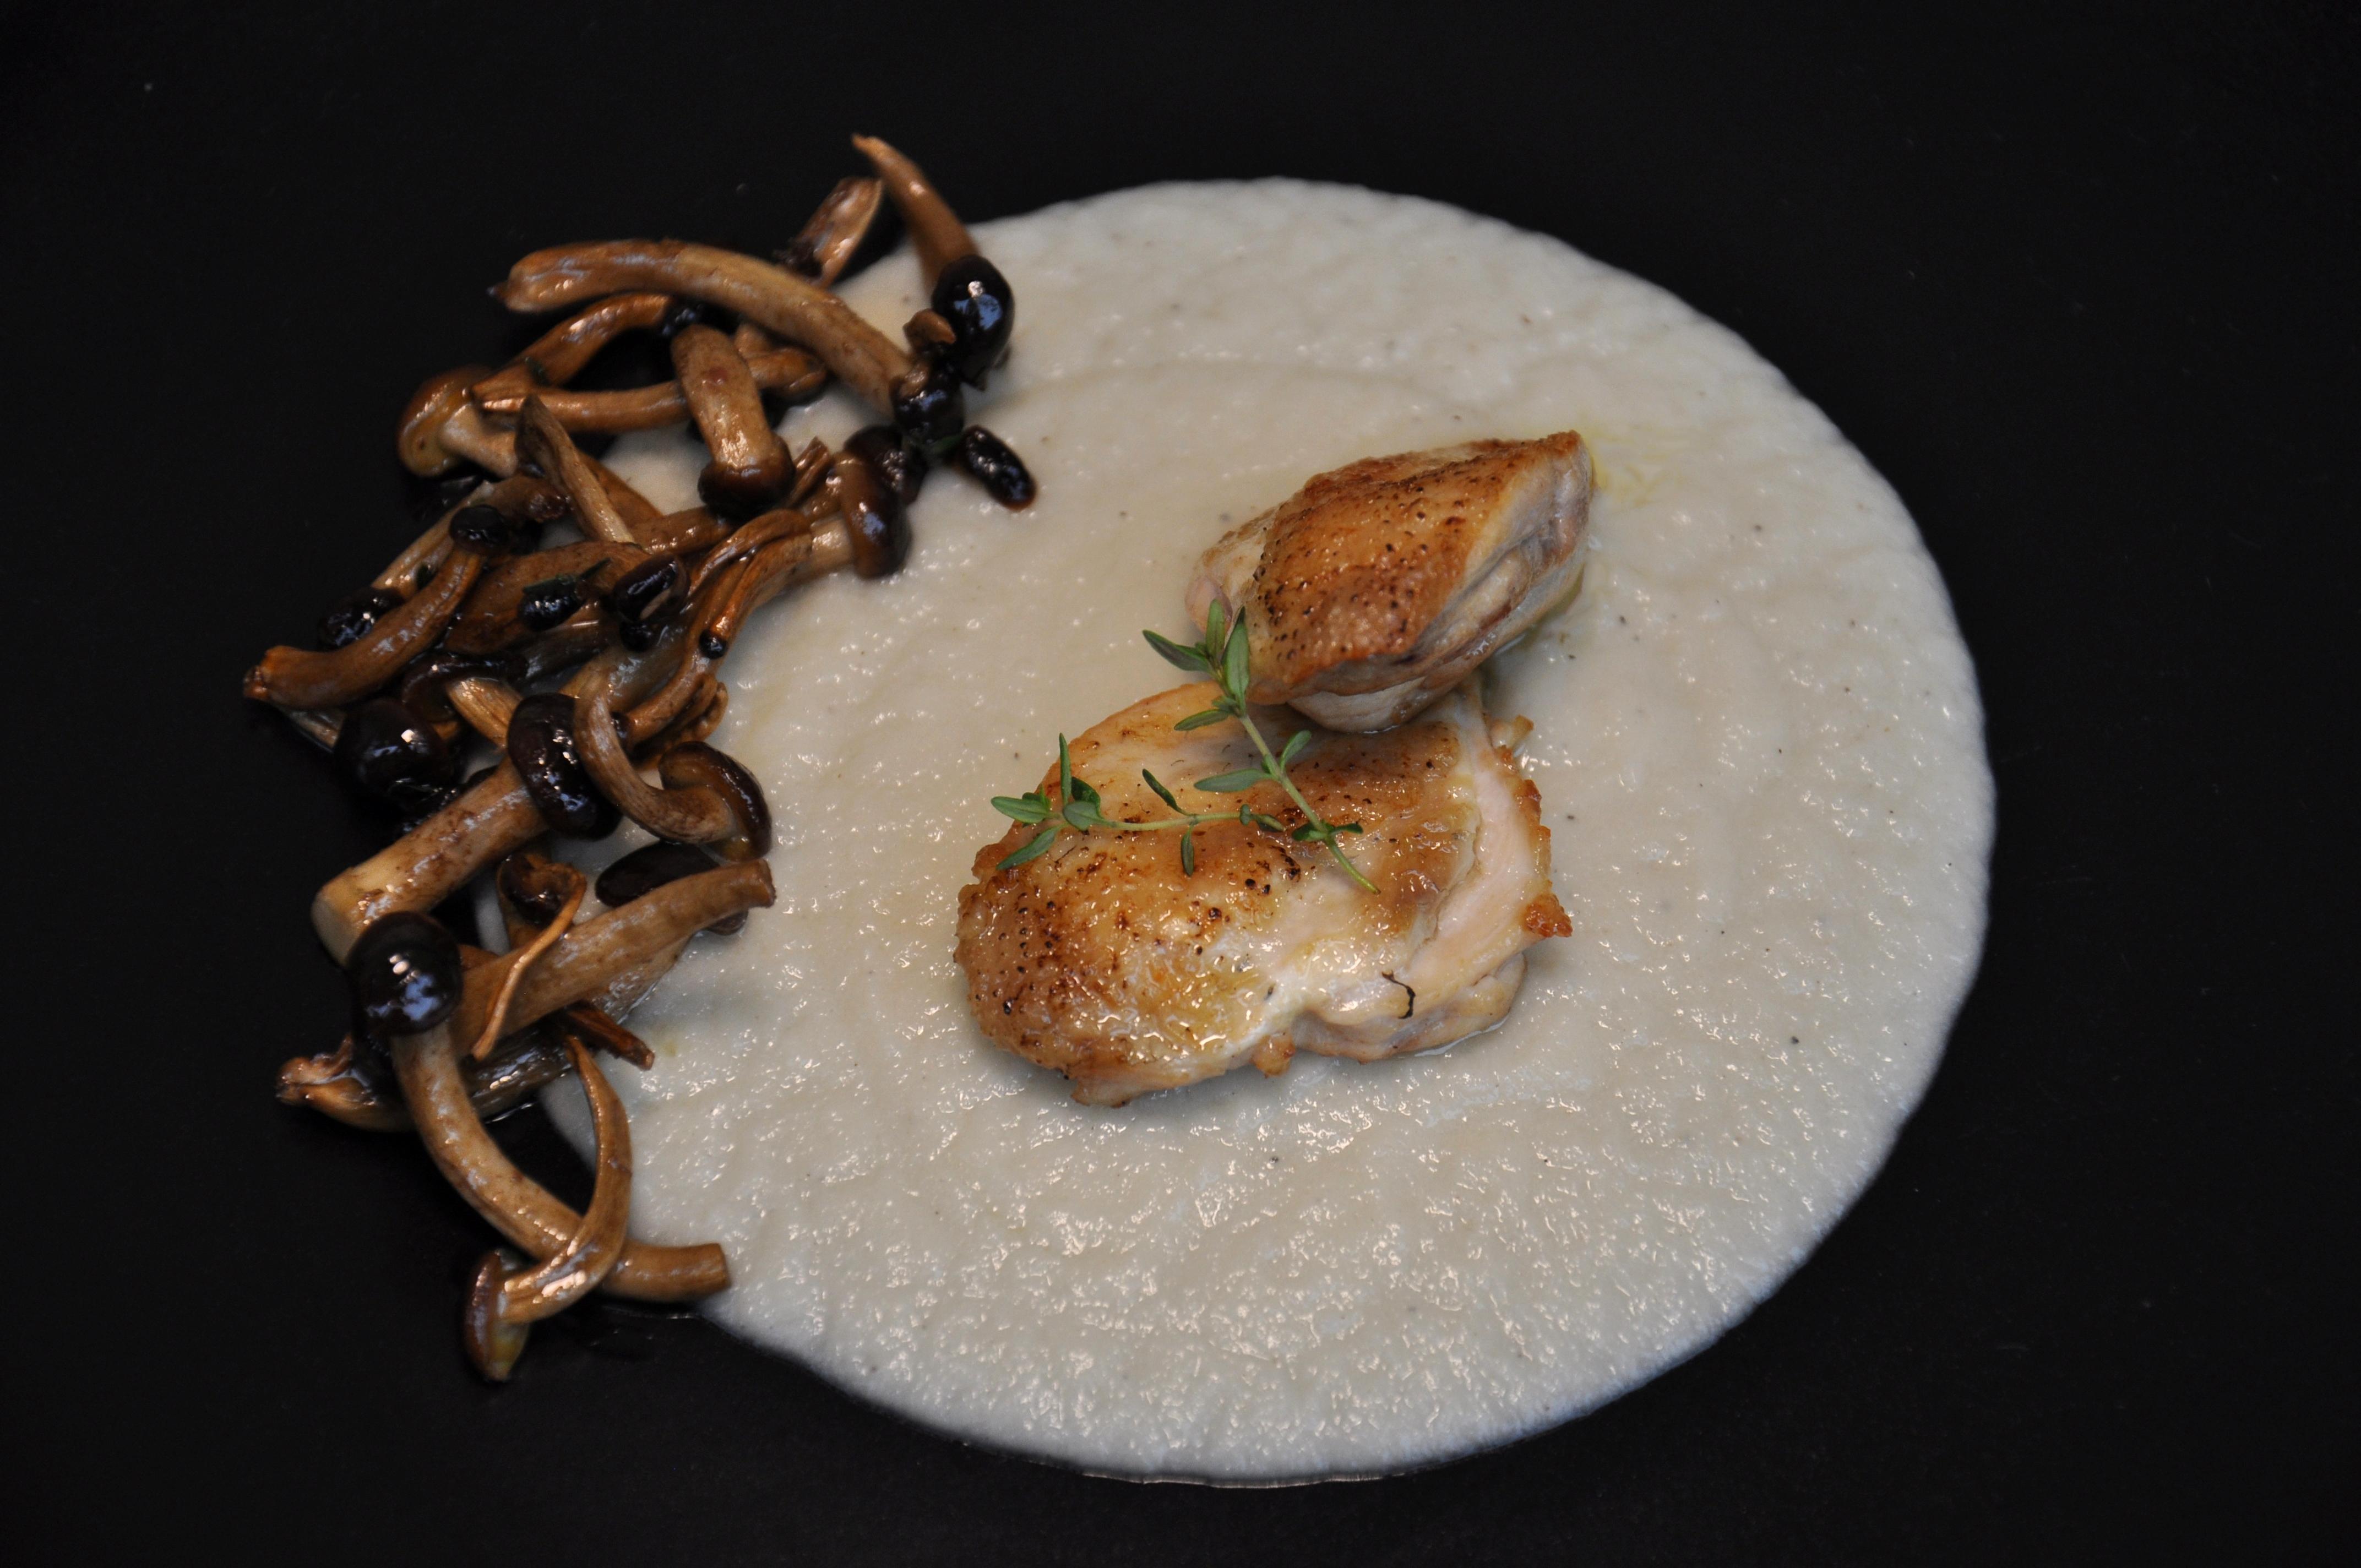 Petto di quaglia con purea di topinambur e funghi pioppini